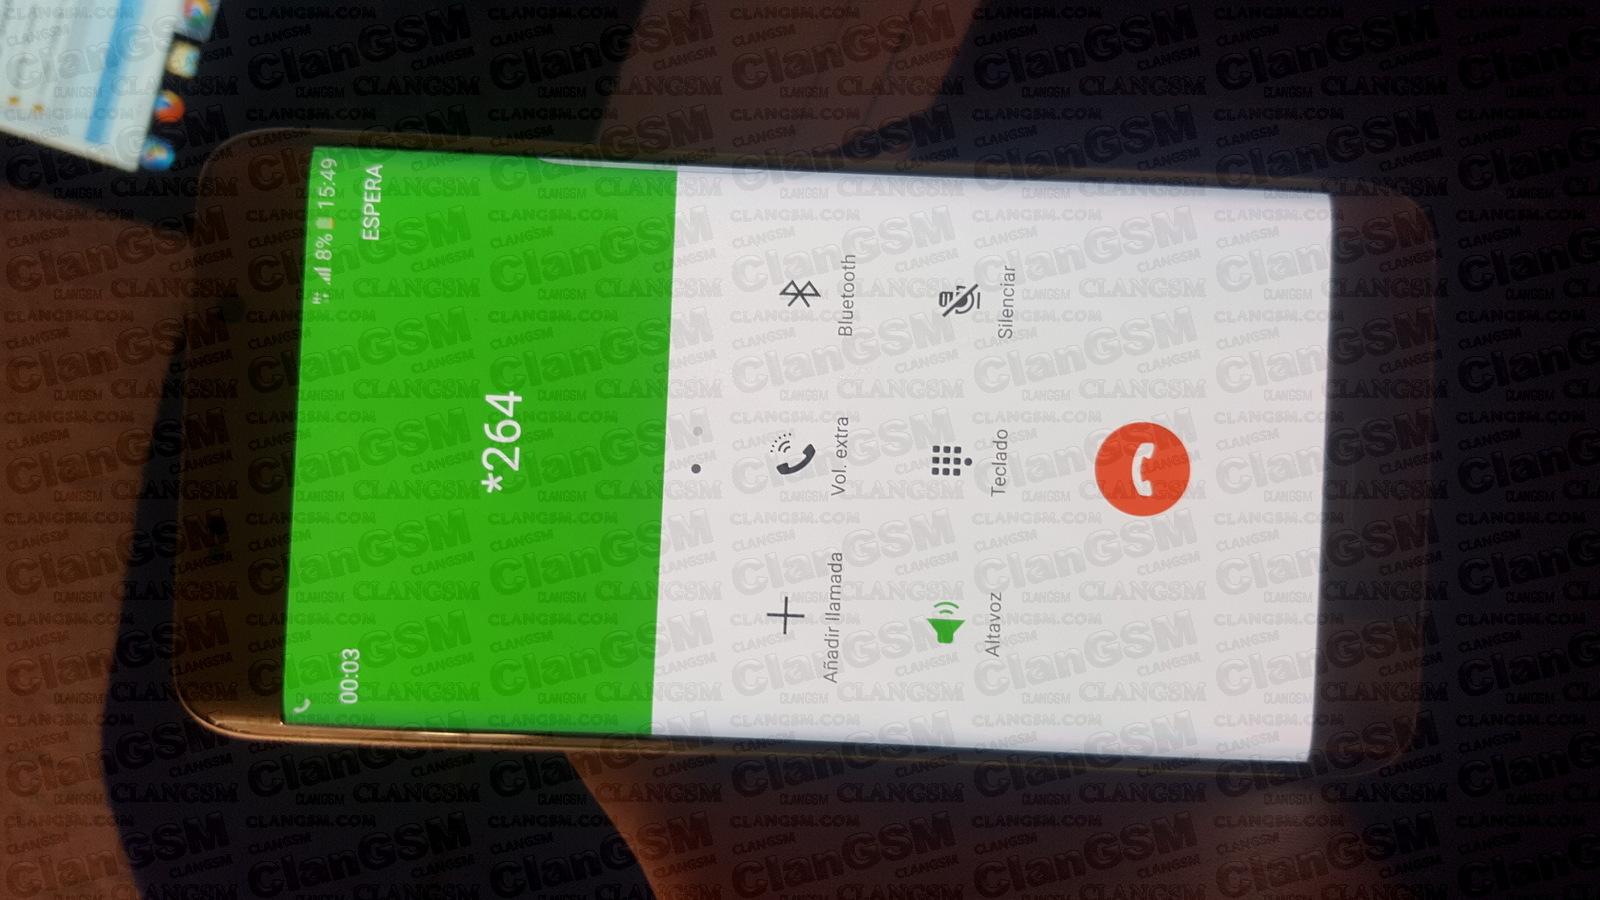 Reparar Imei Sm-g928g Android 6 0 1 B3 (sin Cert) S6 Edge